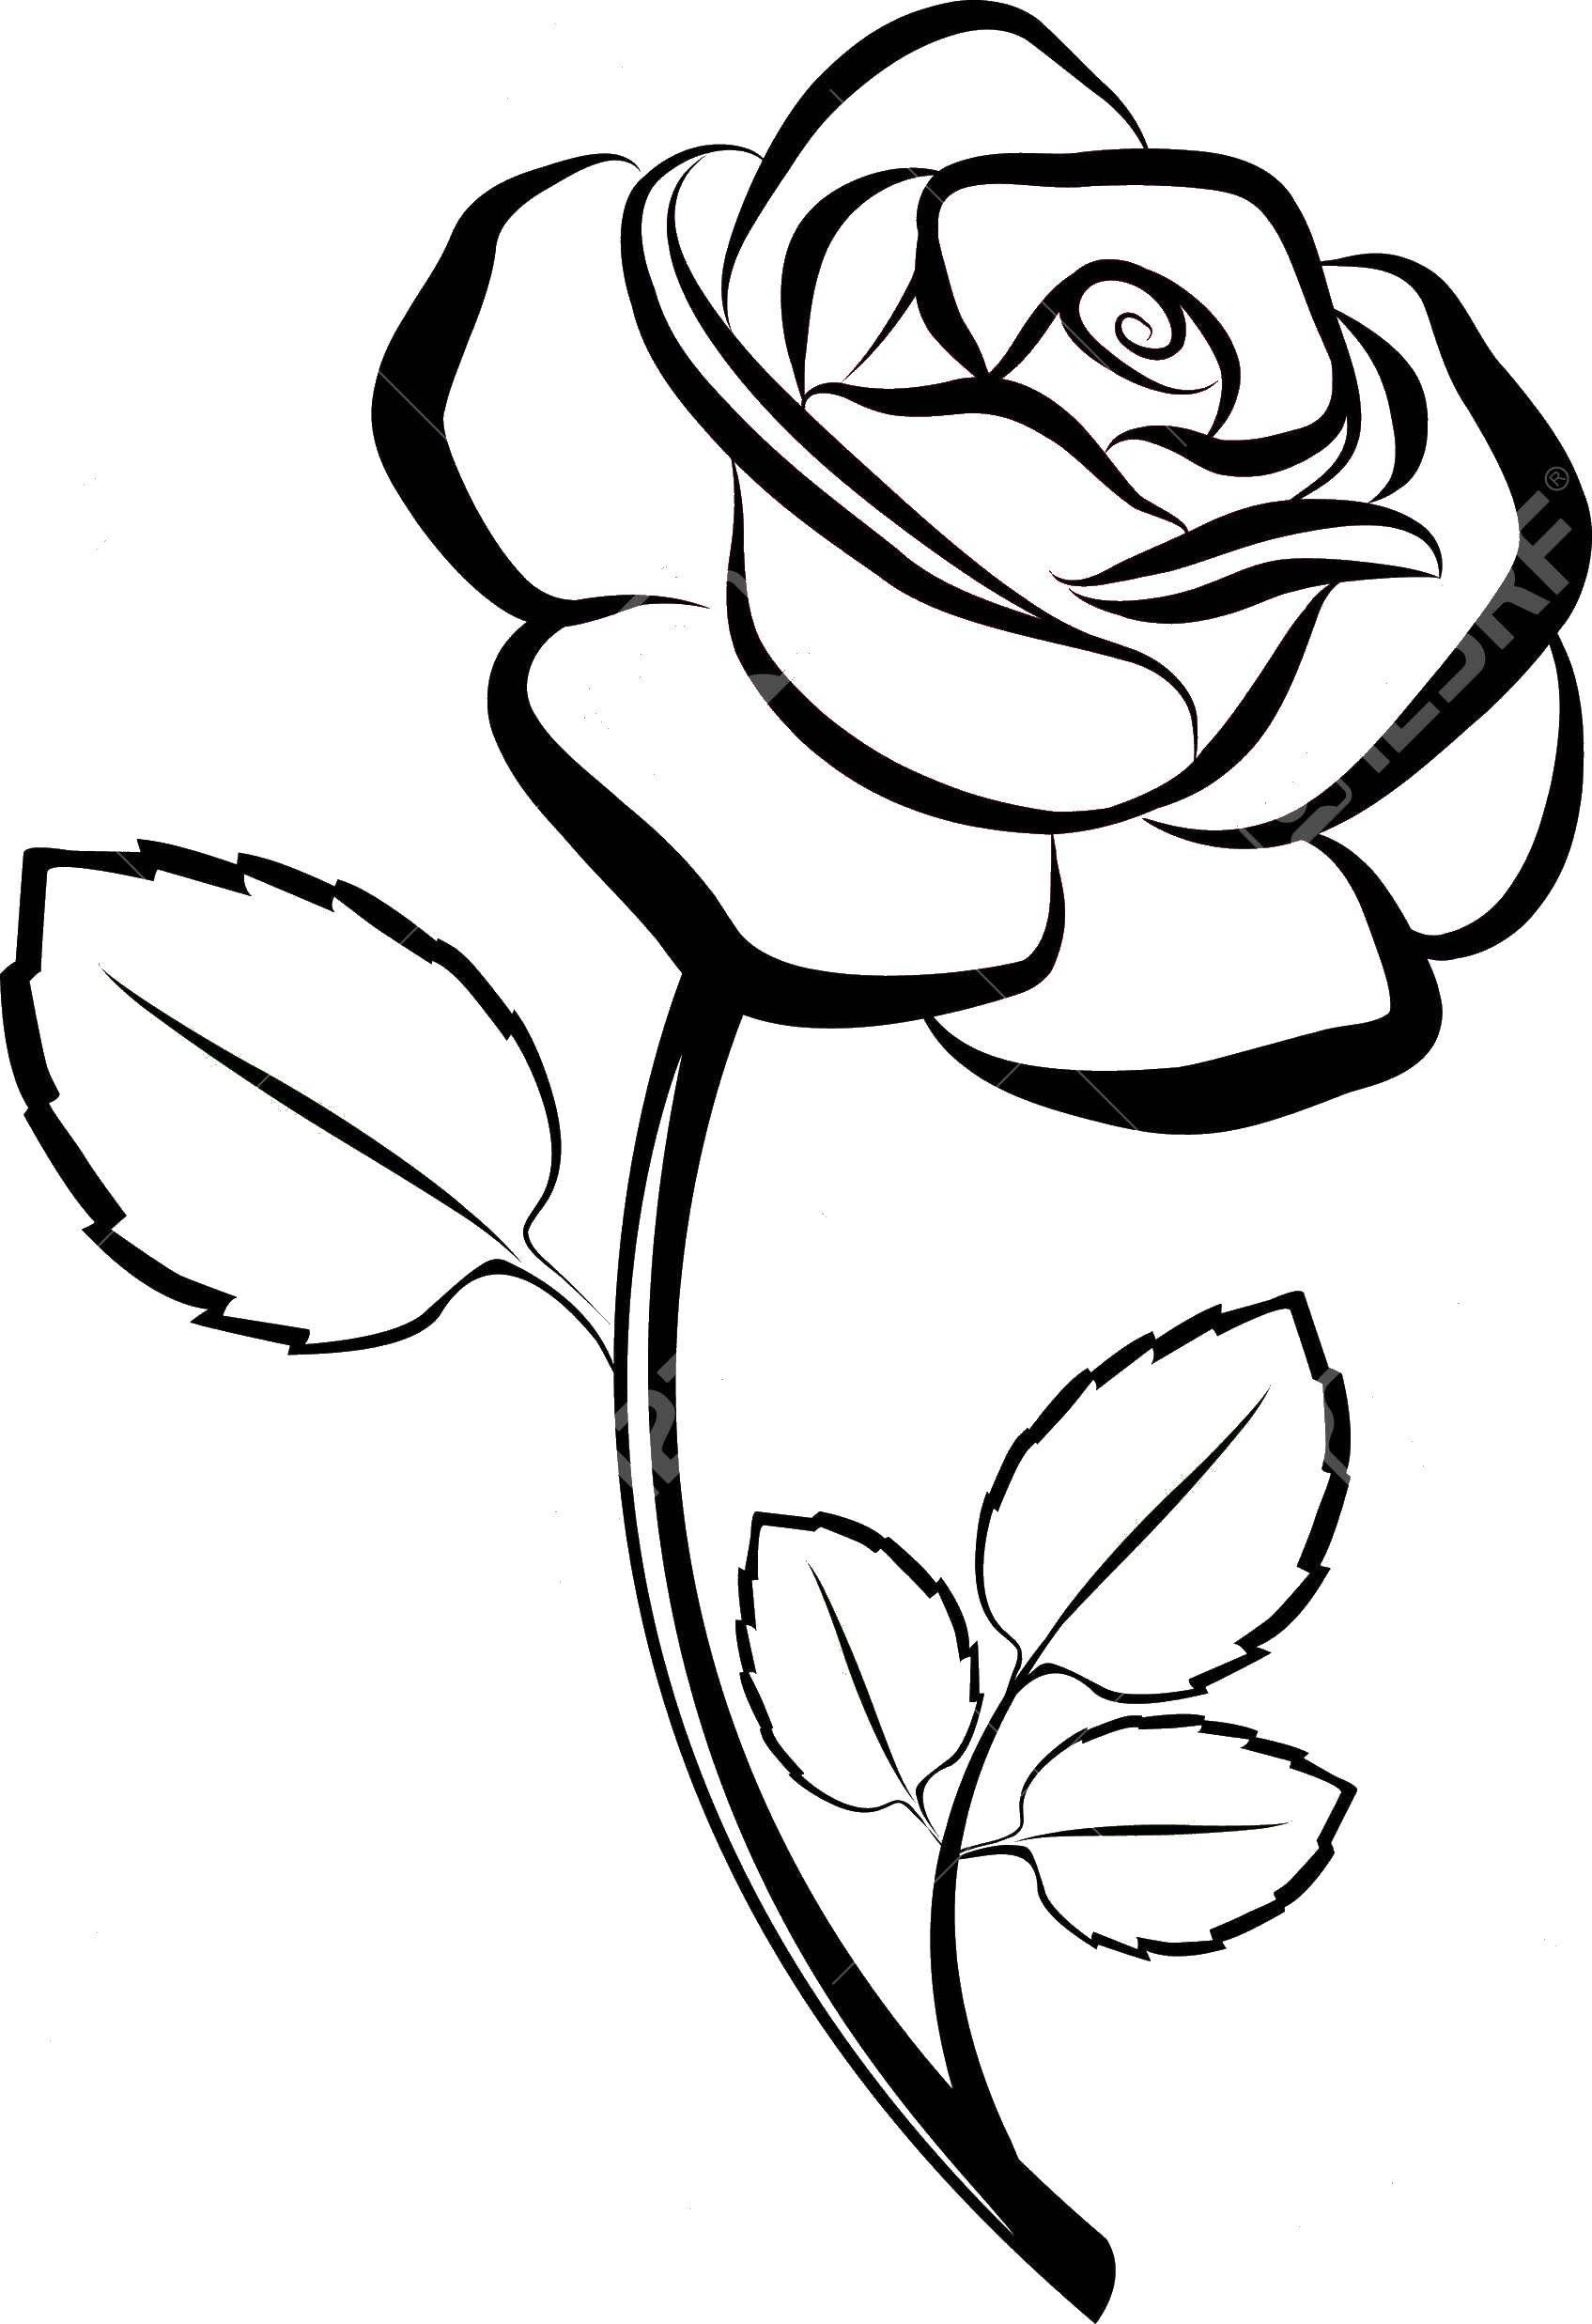 Раскраска Роза с листьями Скачать роза, листья, листики.  Распечатать ,Контуры розы,